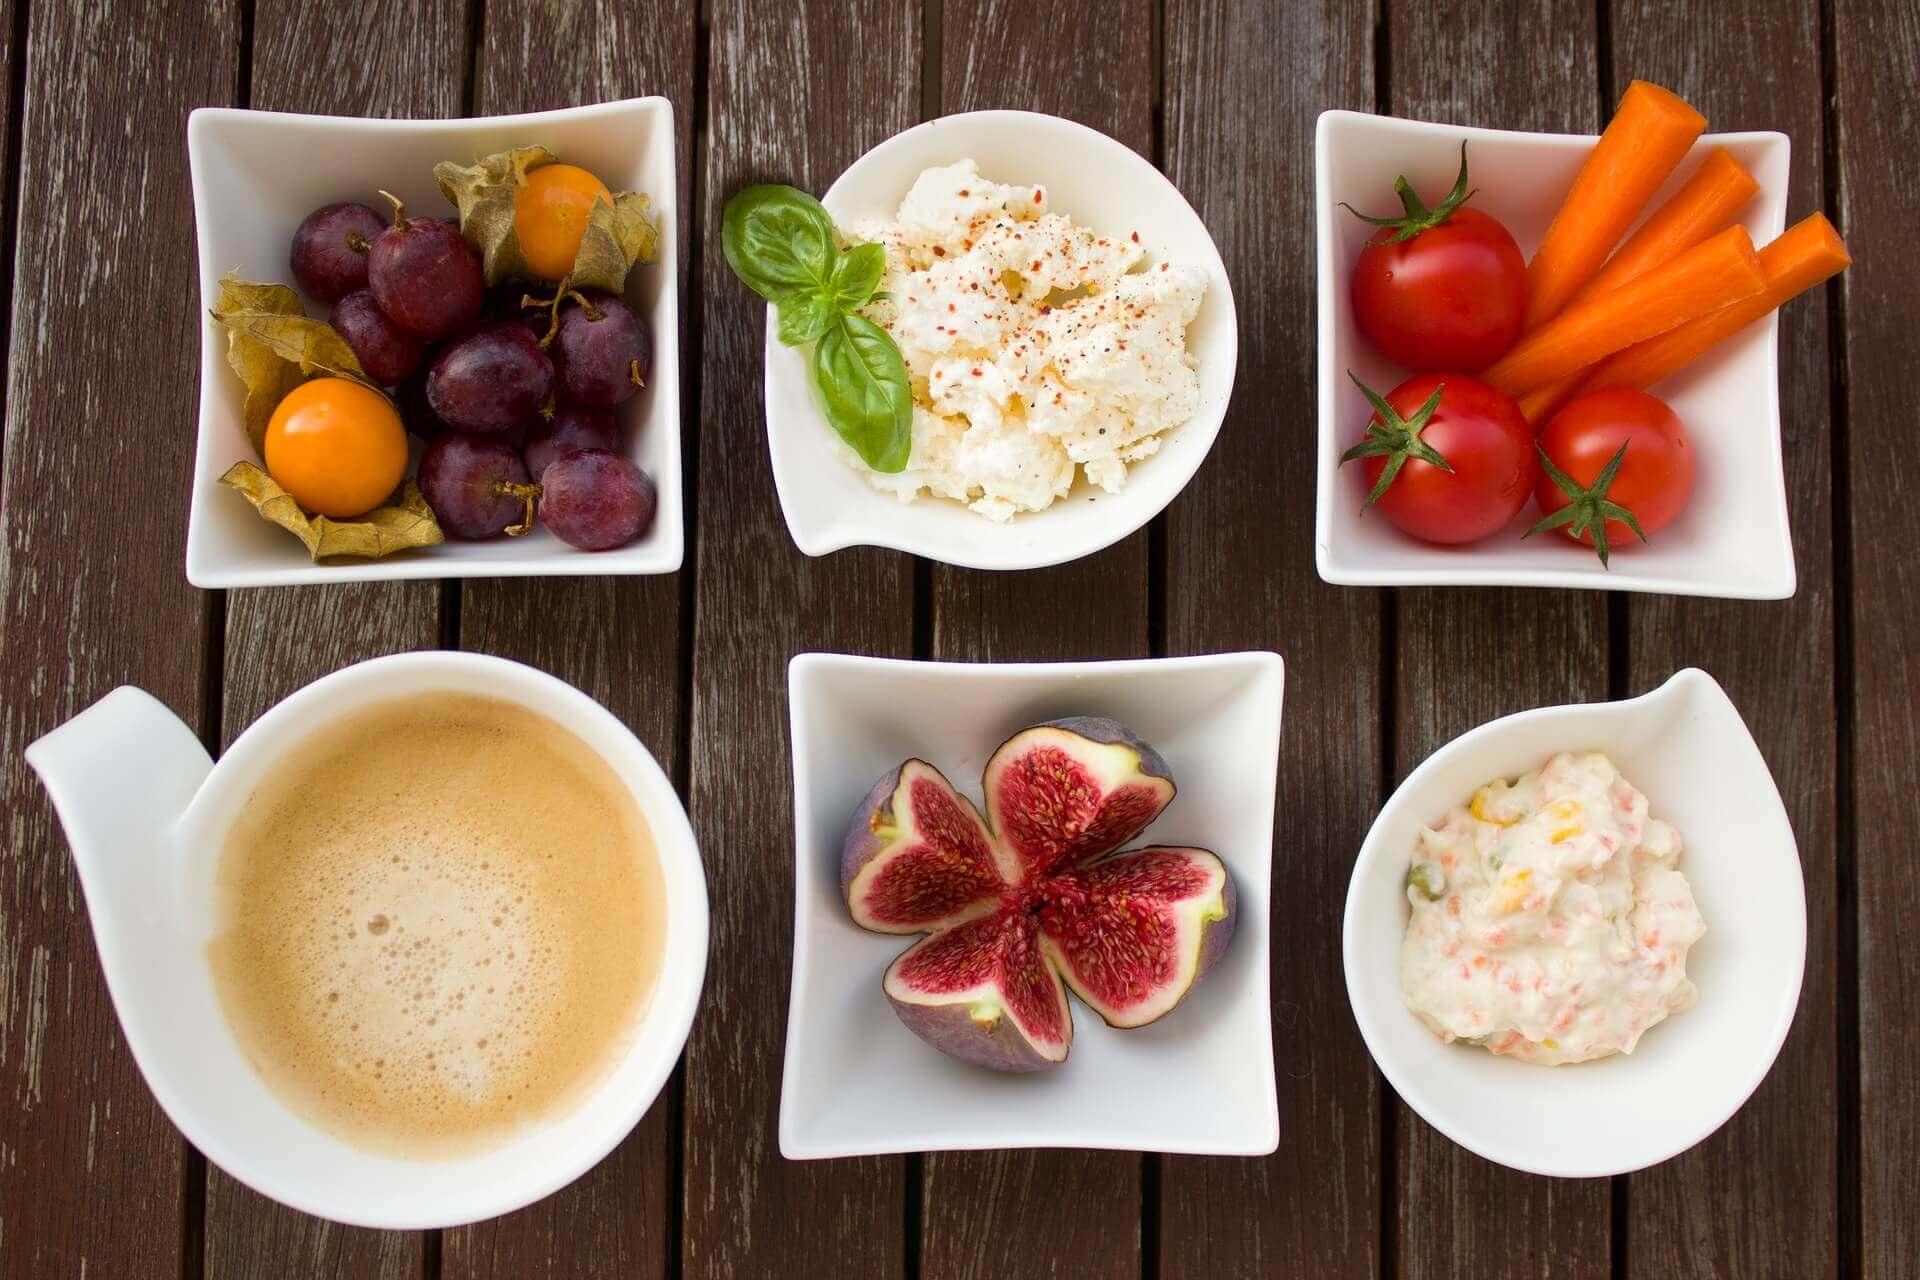 Диетический завтрак для похудения рецепты. каким должен быть правильный завтрак для похудения | школа красоты